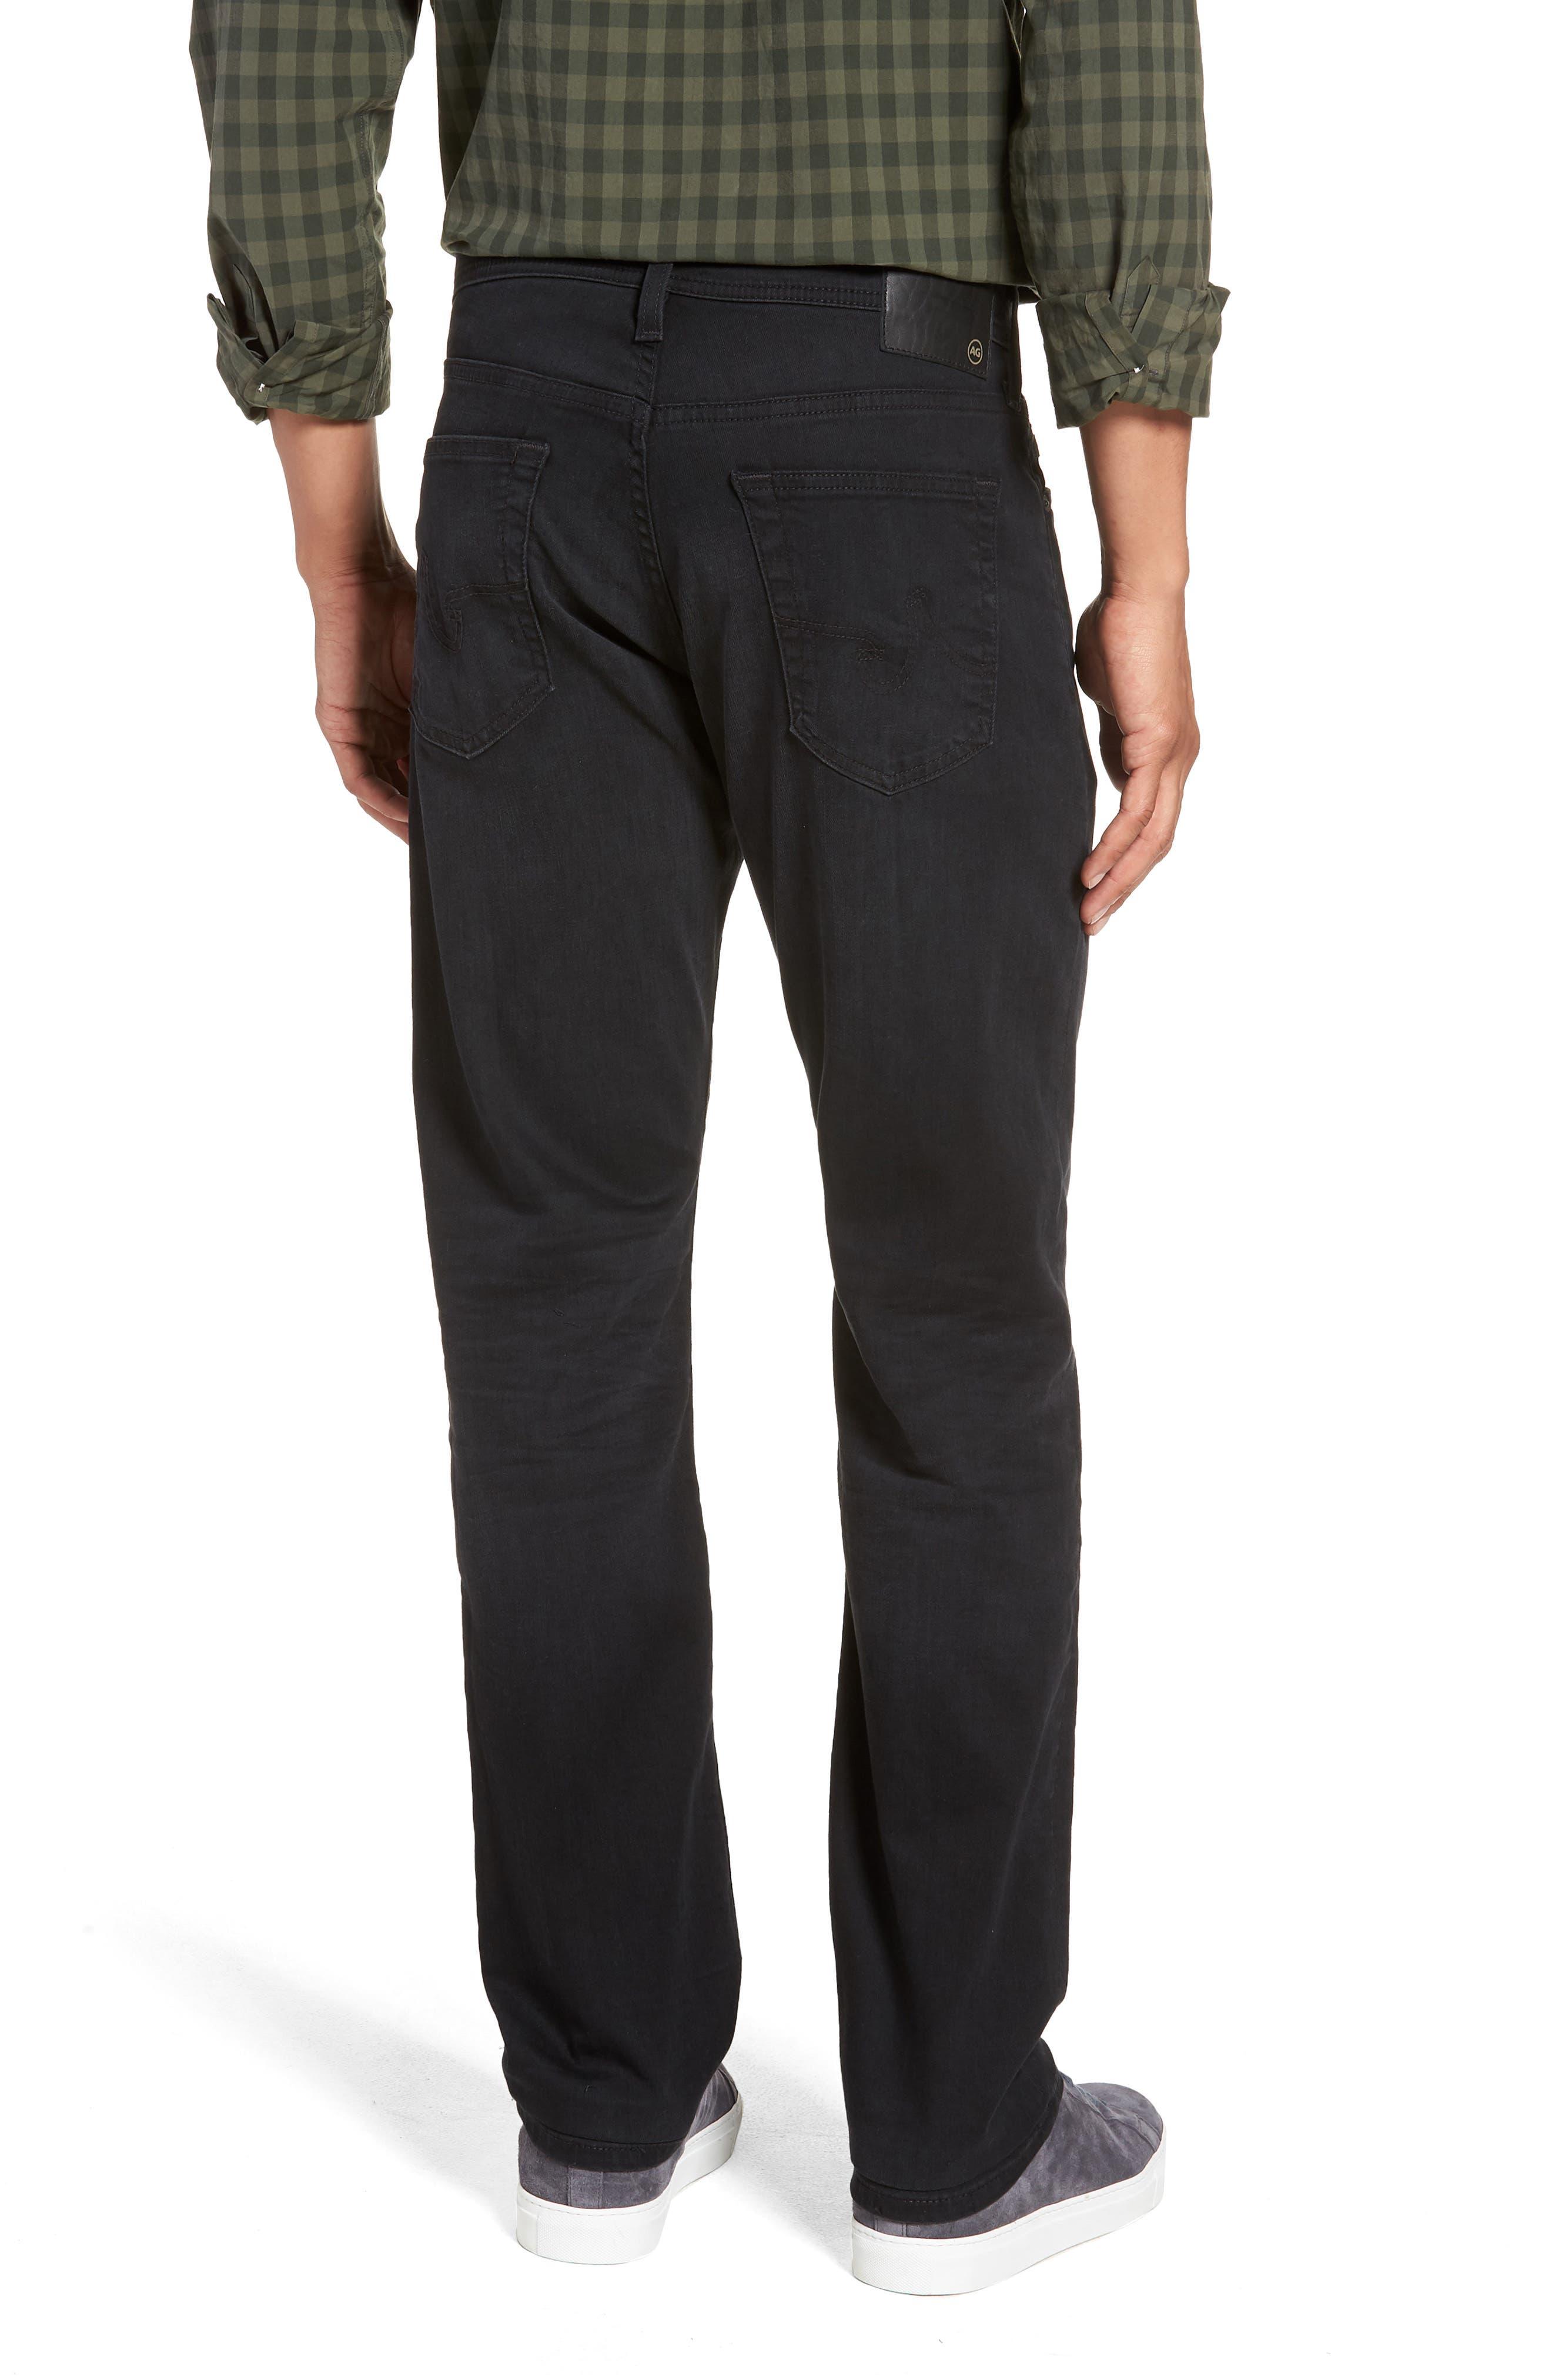 Everett Slim Straight Leg Jeans,                             Alternate thumbnail 2, color,                             001